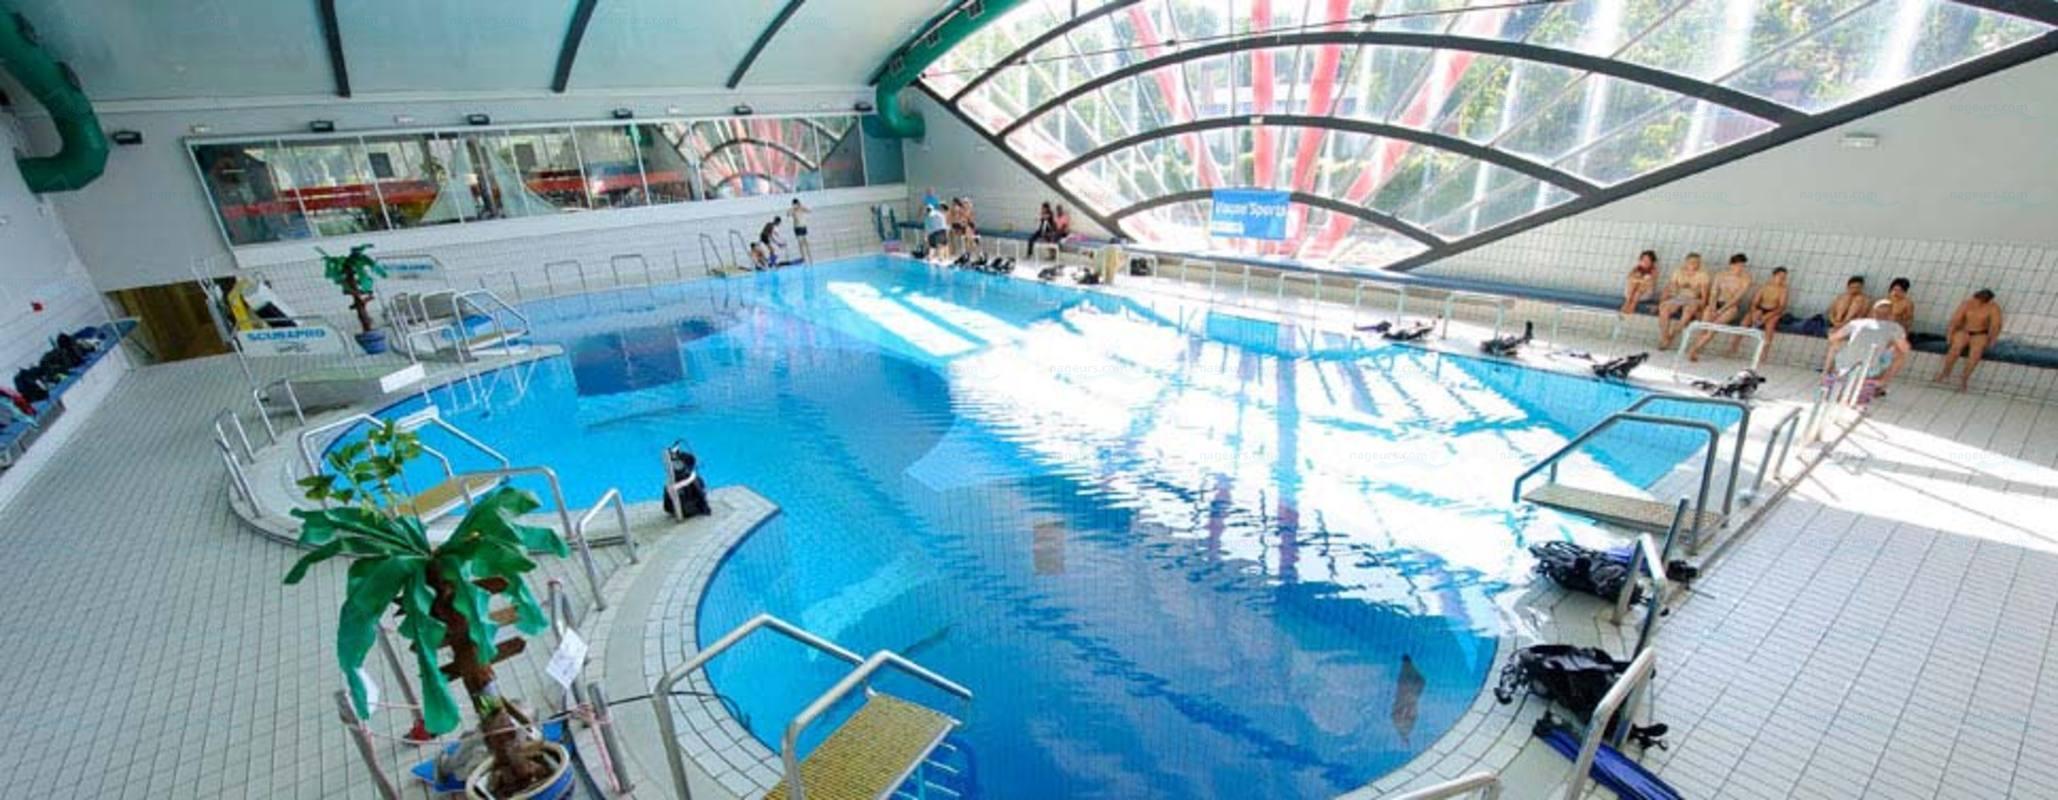 Piscines france ile de france les piscines hauts de - Piscine olympique paris ...